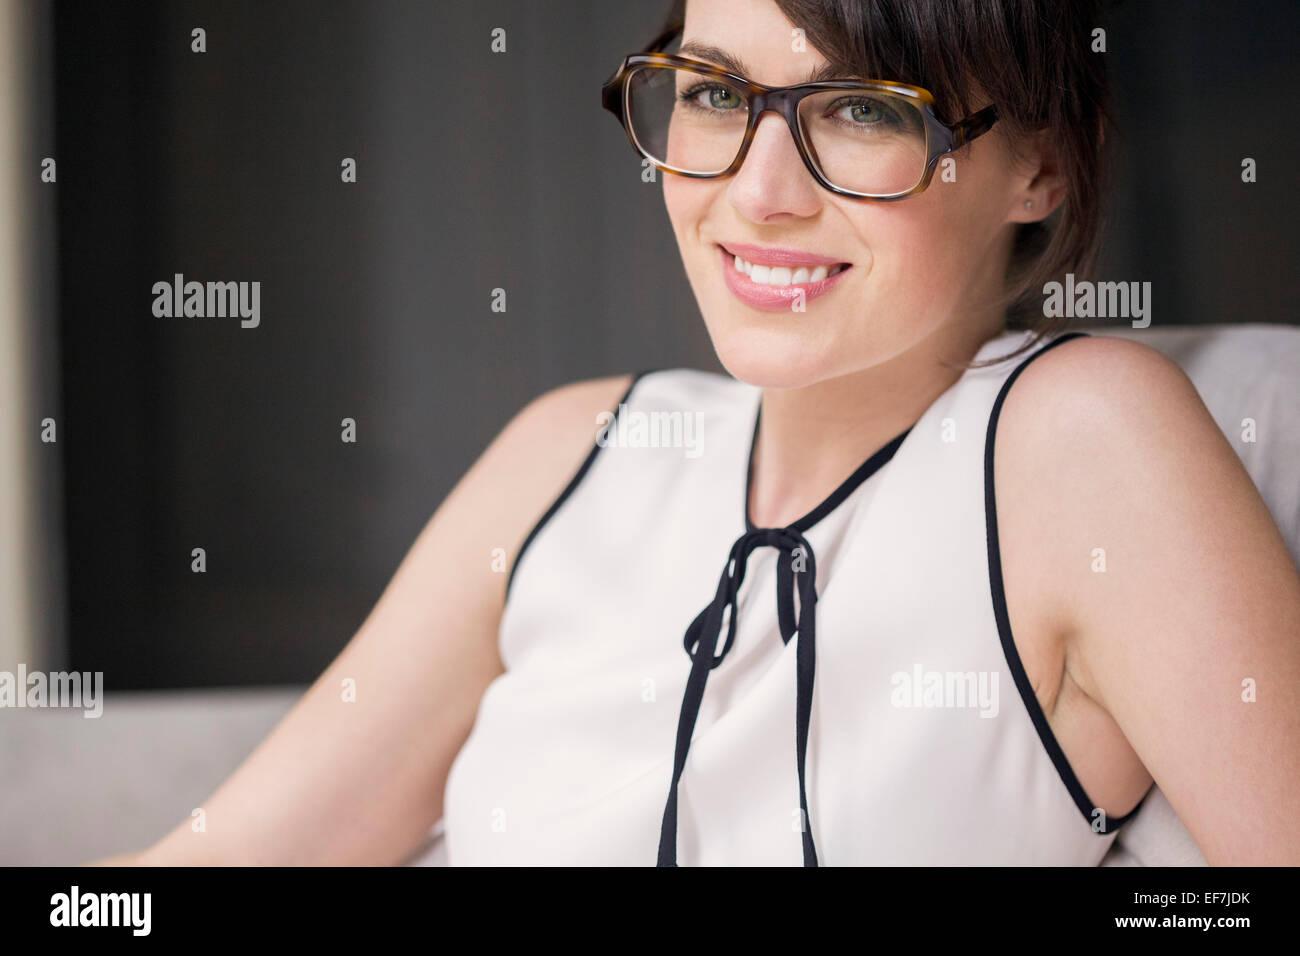 Retrato de una hermosa mujer sonriente Imagen De Stock